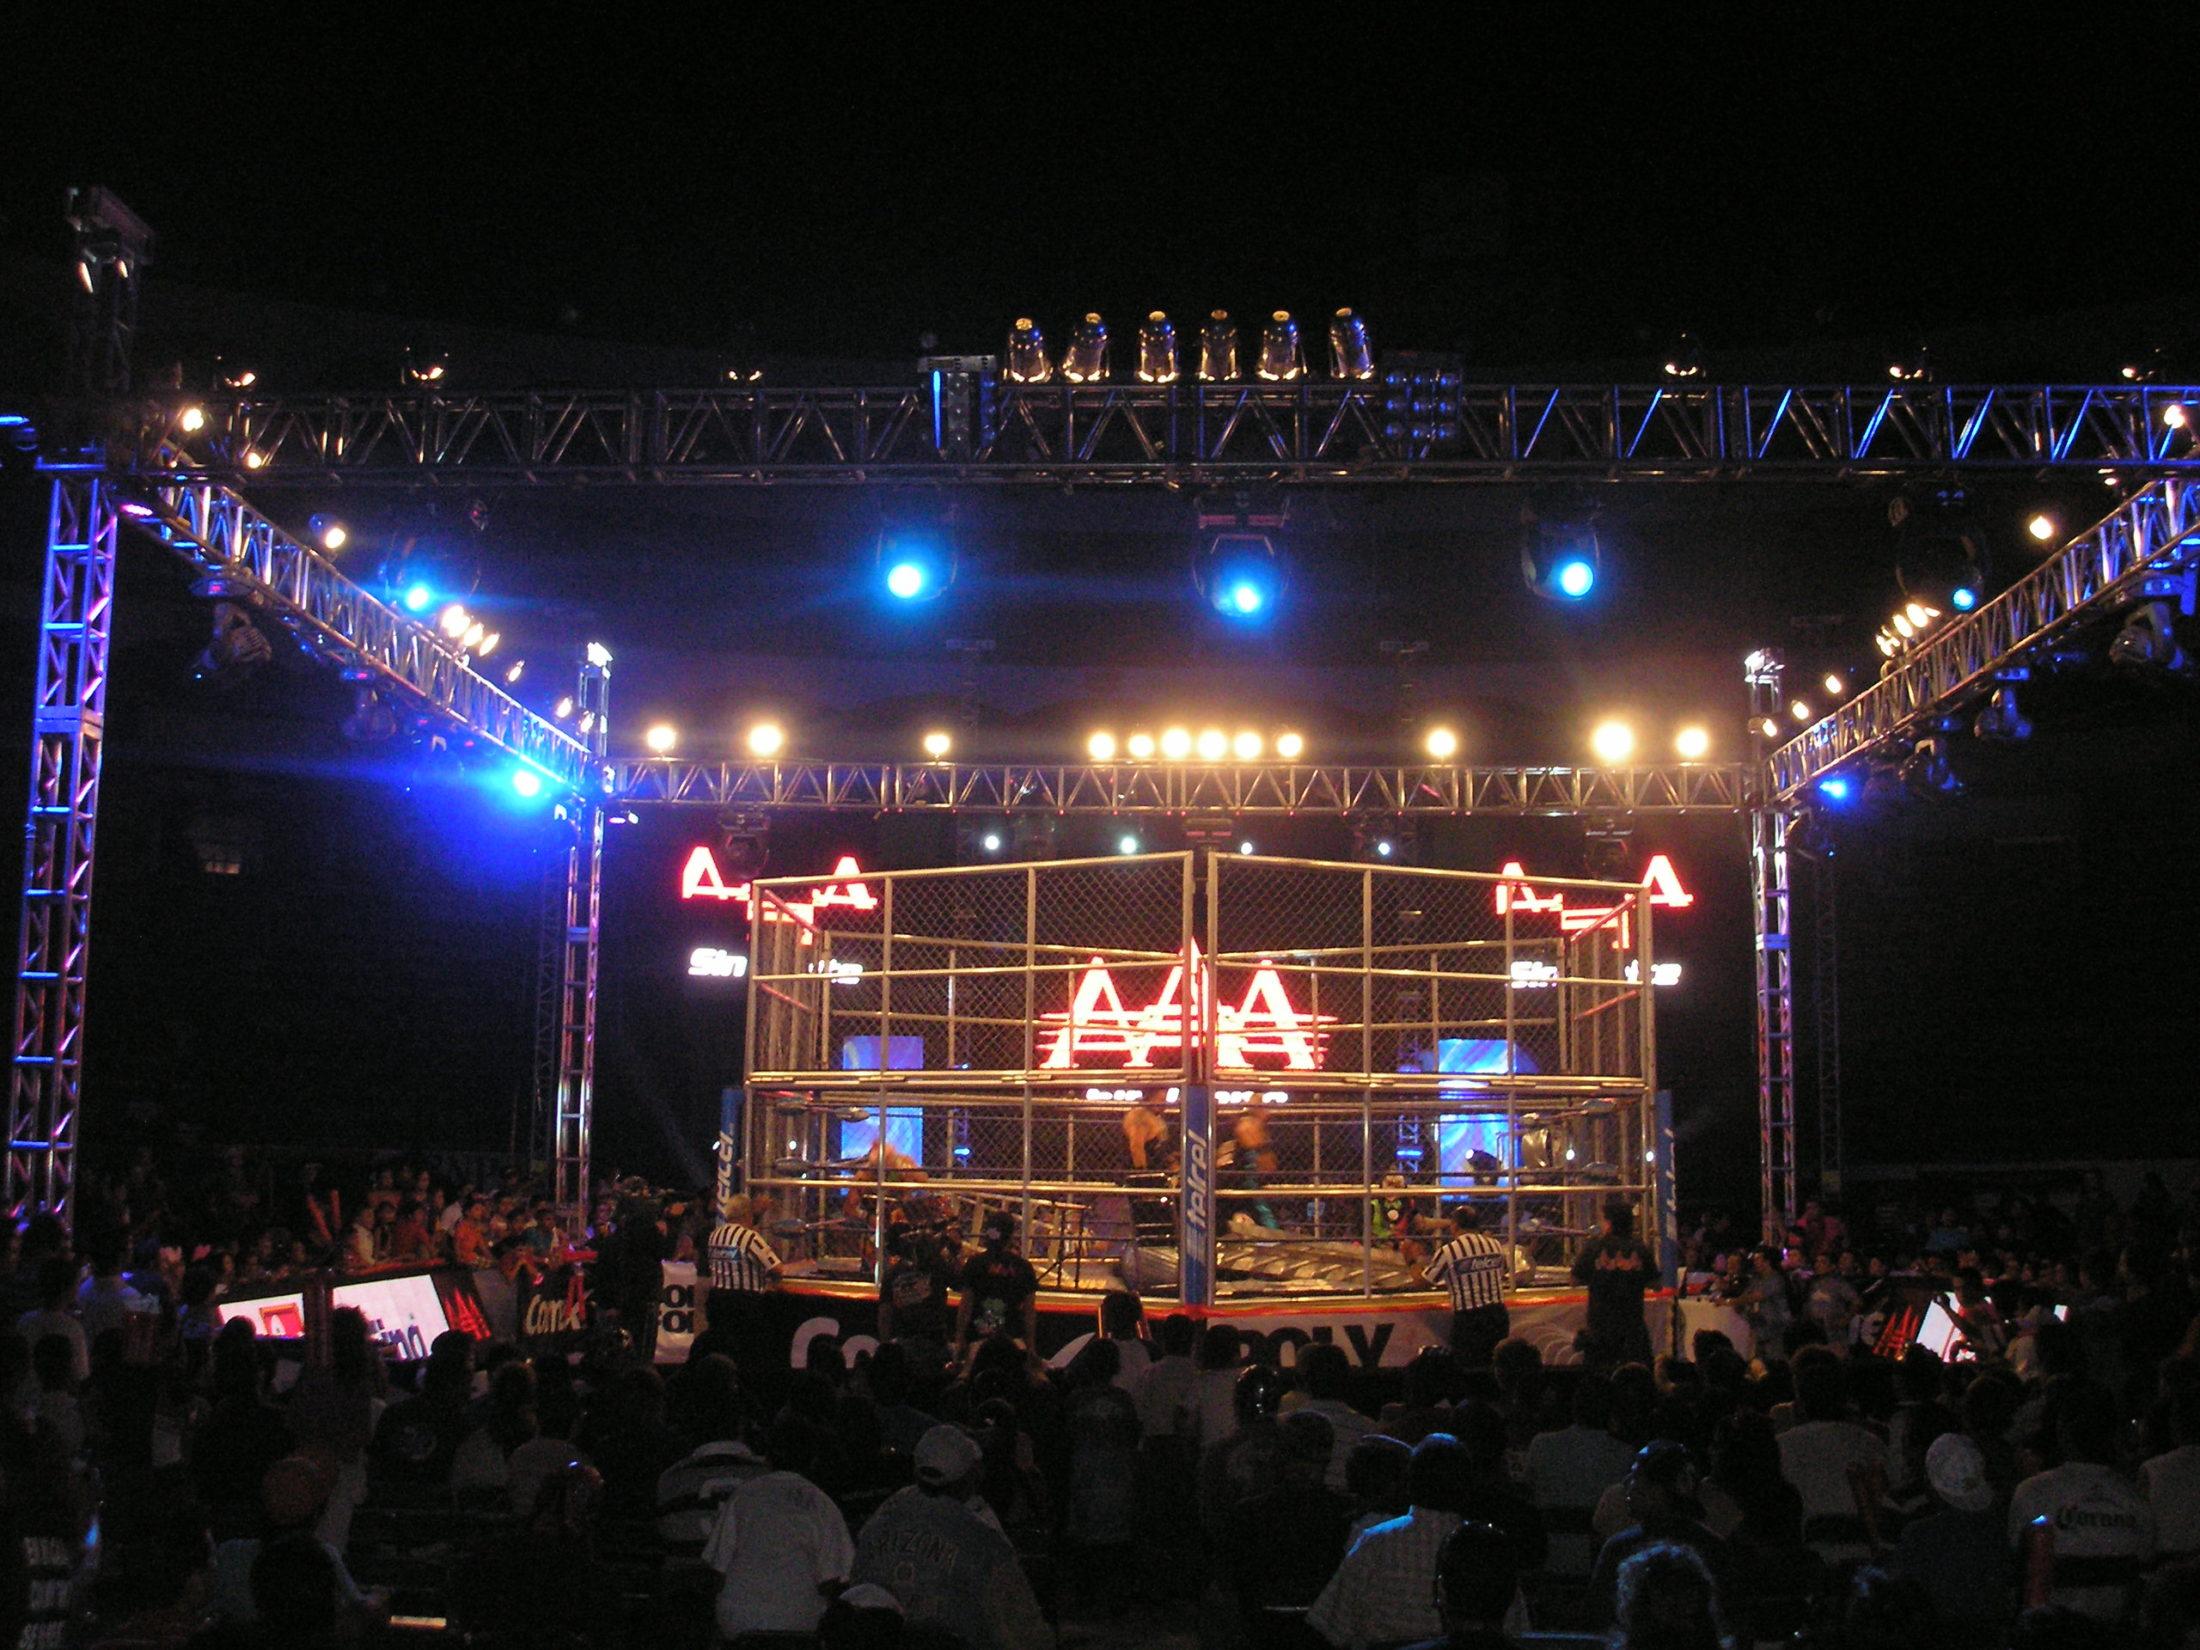 AAA Verano de Escándalo 2011 (resultados 31 de Julio) ¡Jeff Jarrett retiene con la ayuda del Zorro enmascarado!- X- Fly pierde la cabellera- Pimpinela nueva Reina de reinas 6